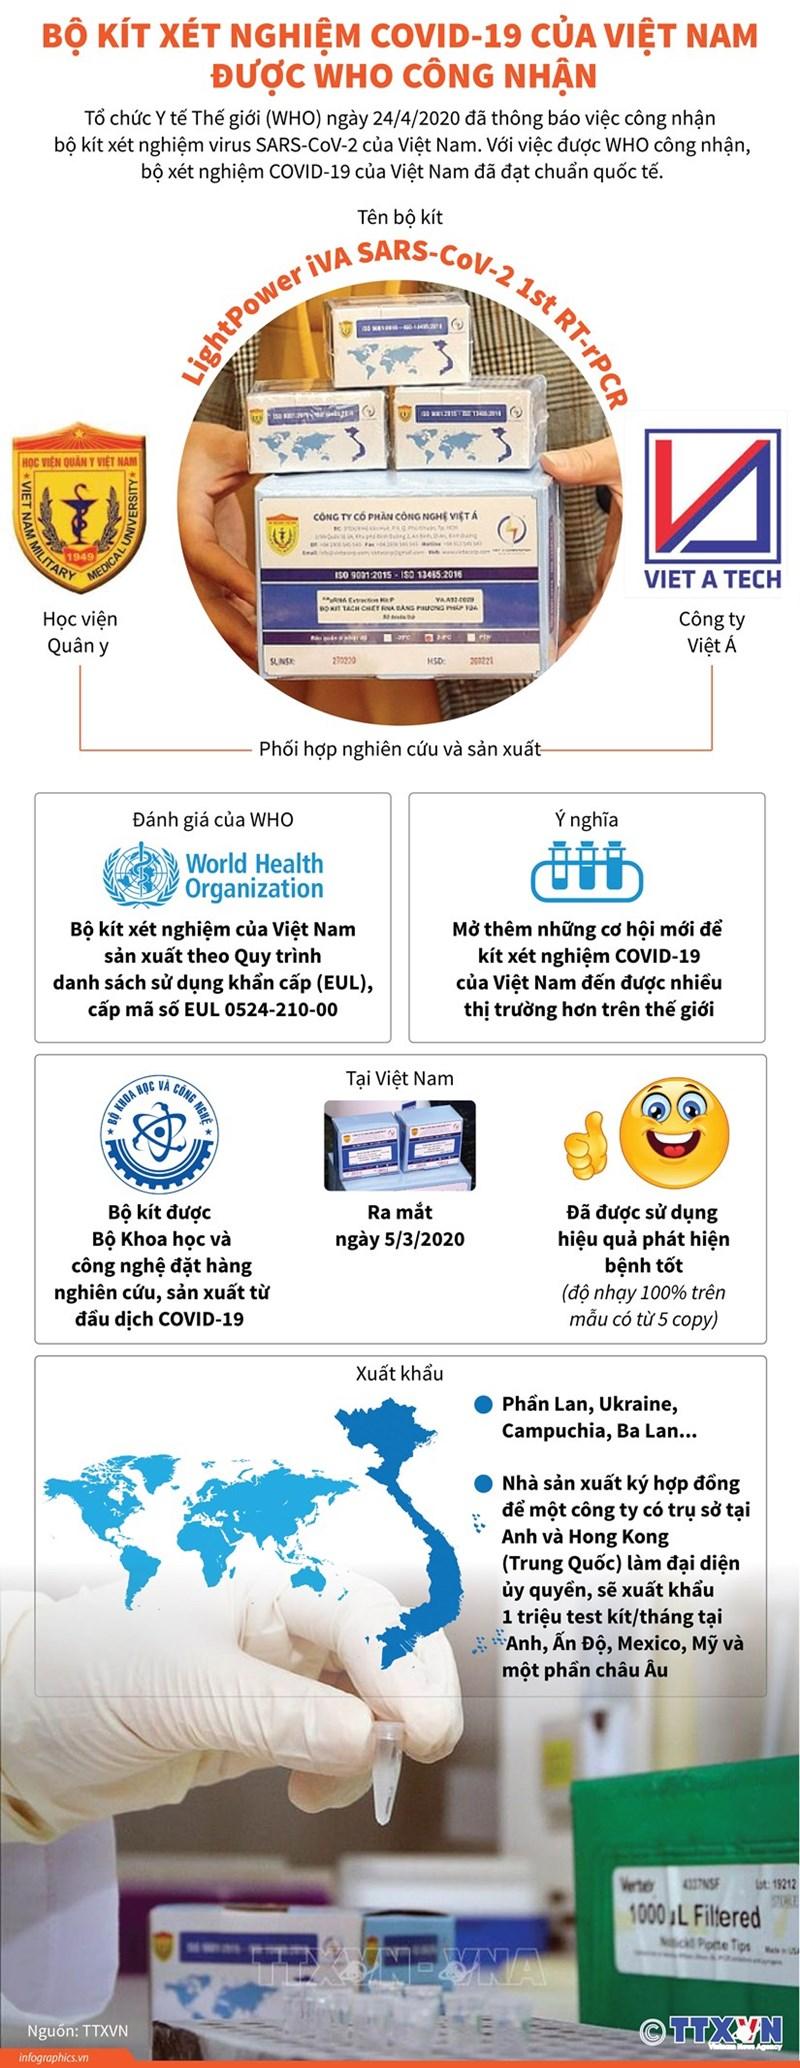 [Infographics] Bộ kit xét nghiệm COVID-19 của Việt Nam được WHO công nhận - Ảnh 1